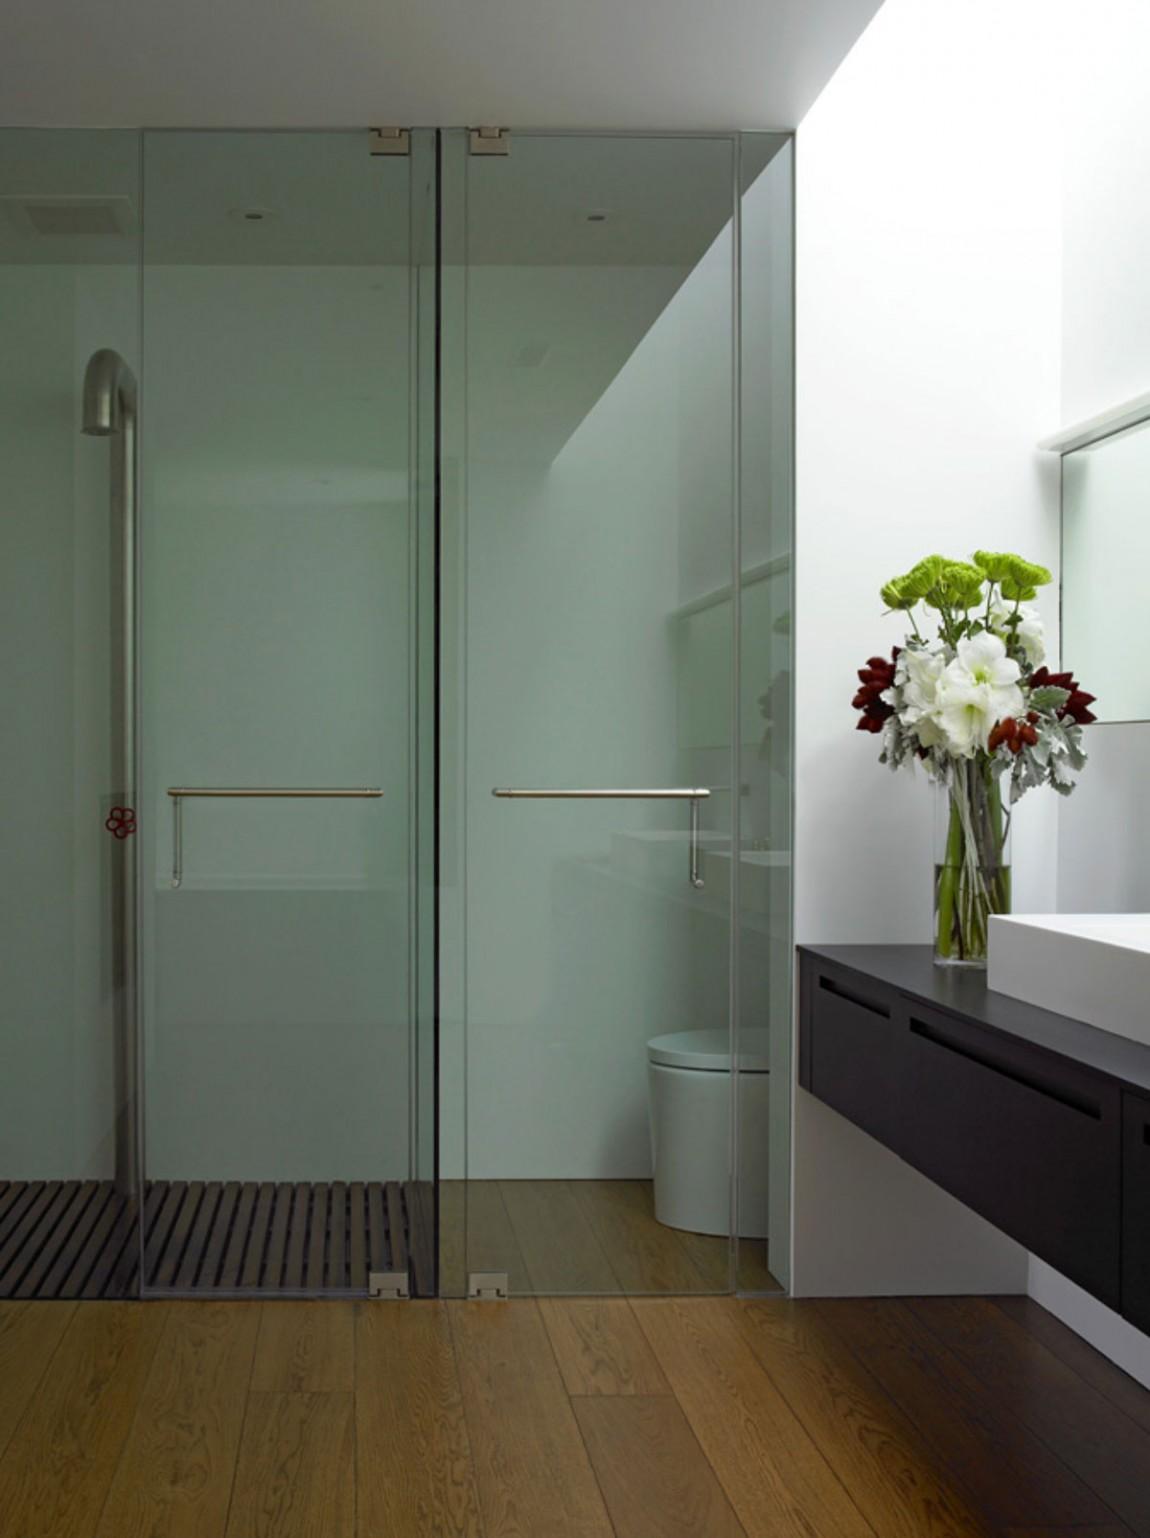 Загородный интерьер: мягкие оттенки и плавные линии в New York Residence